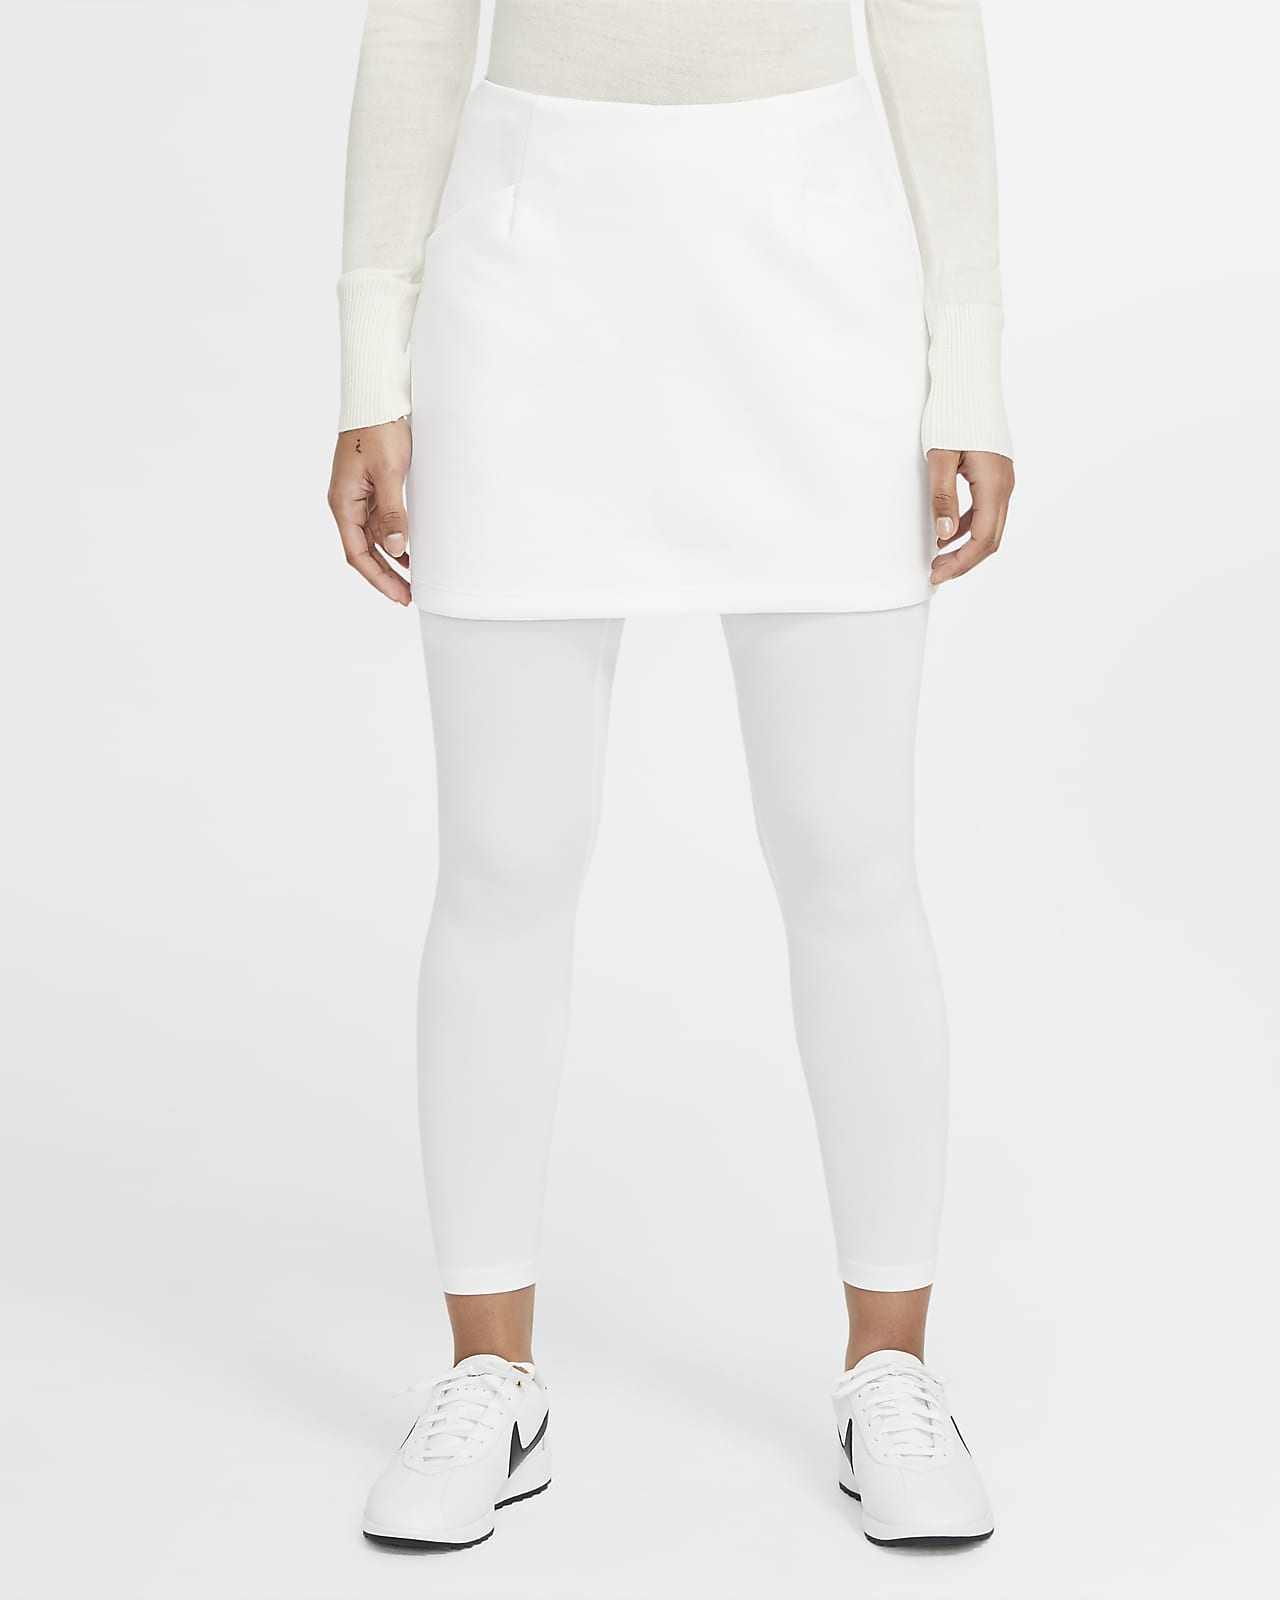 Falda con mallas de golf 2 en 1 para mujer Nike Dri-FIT UV